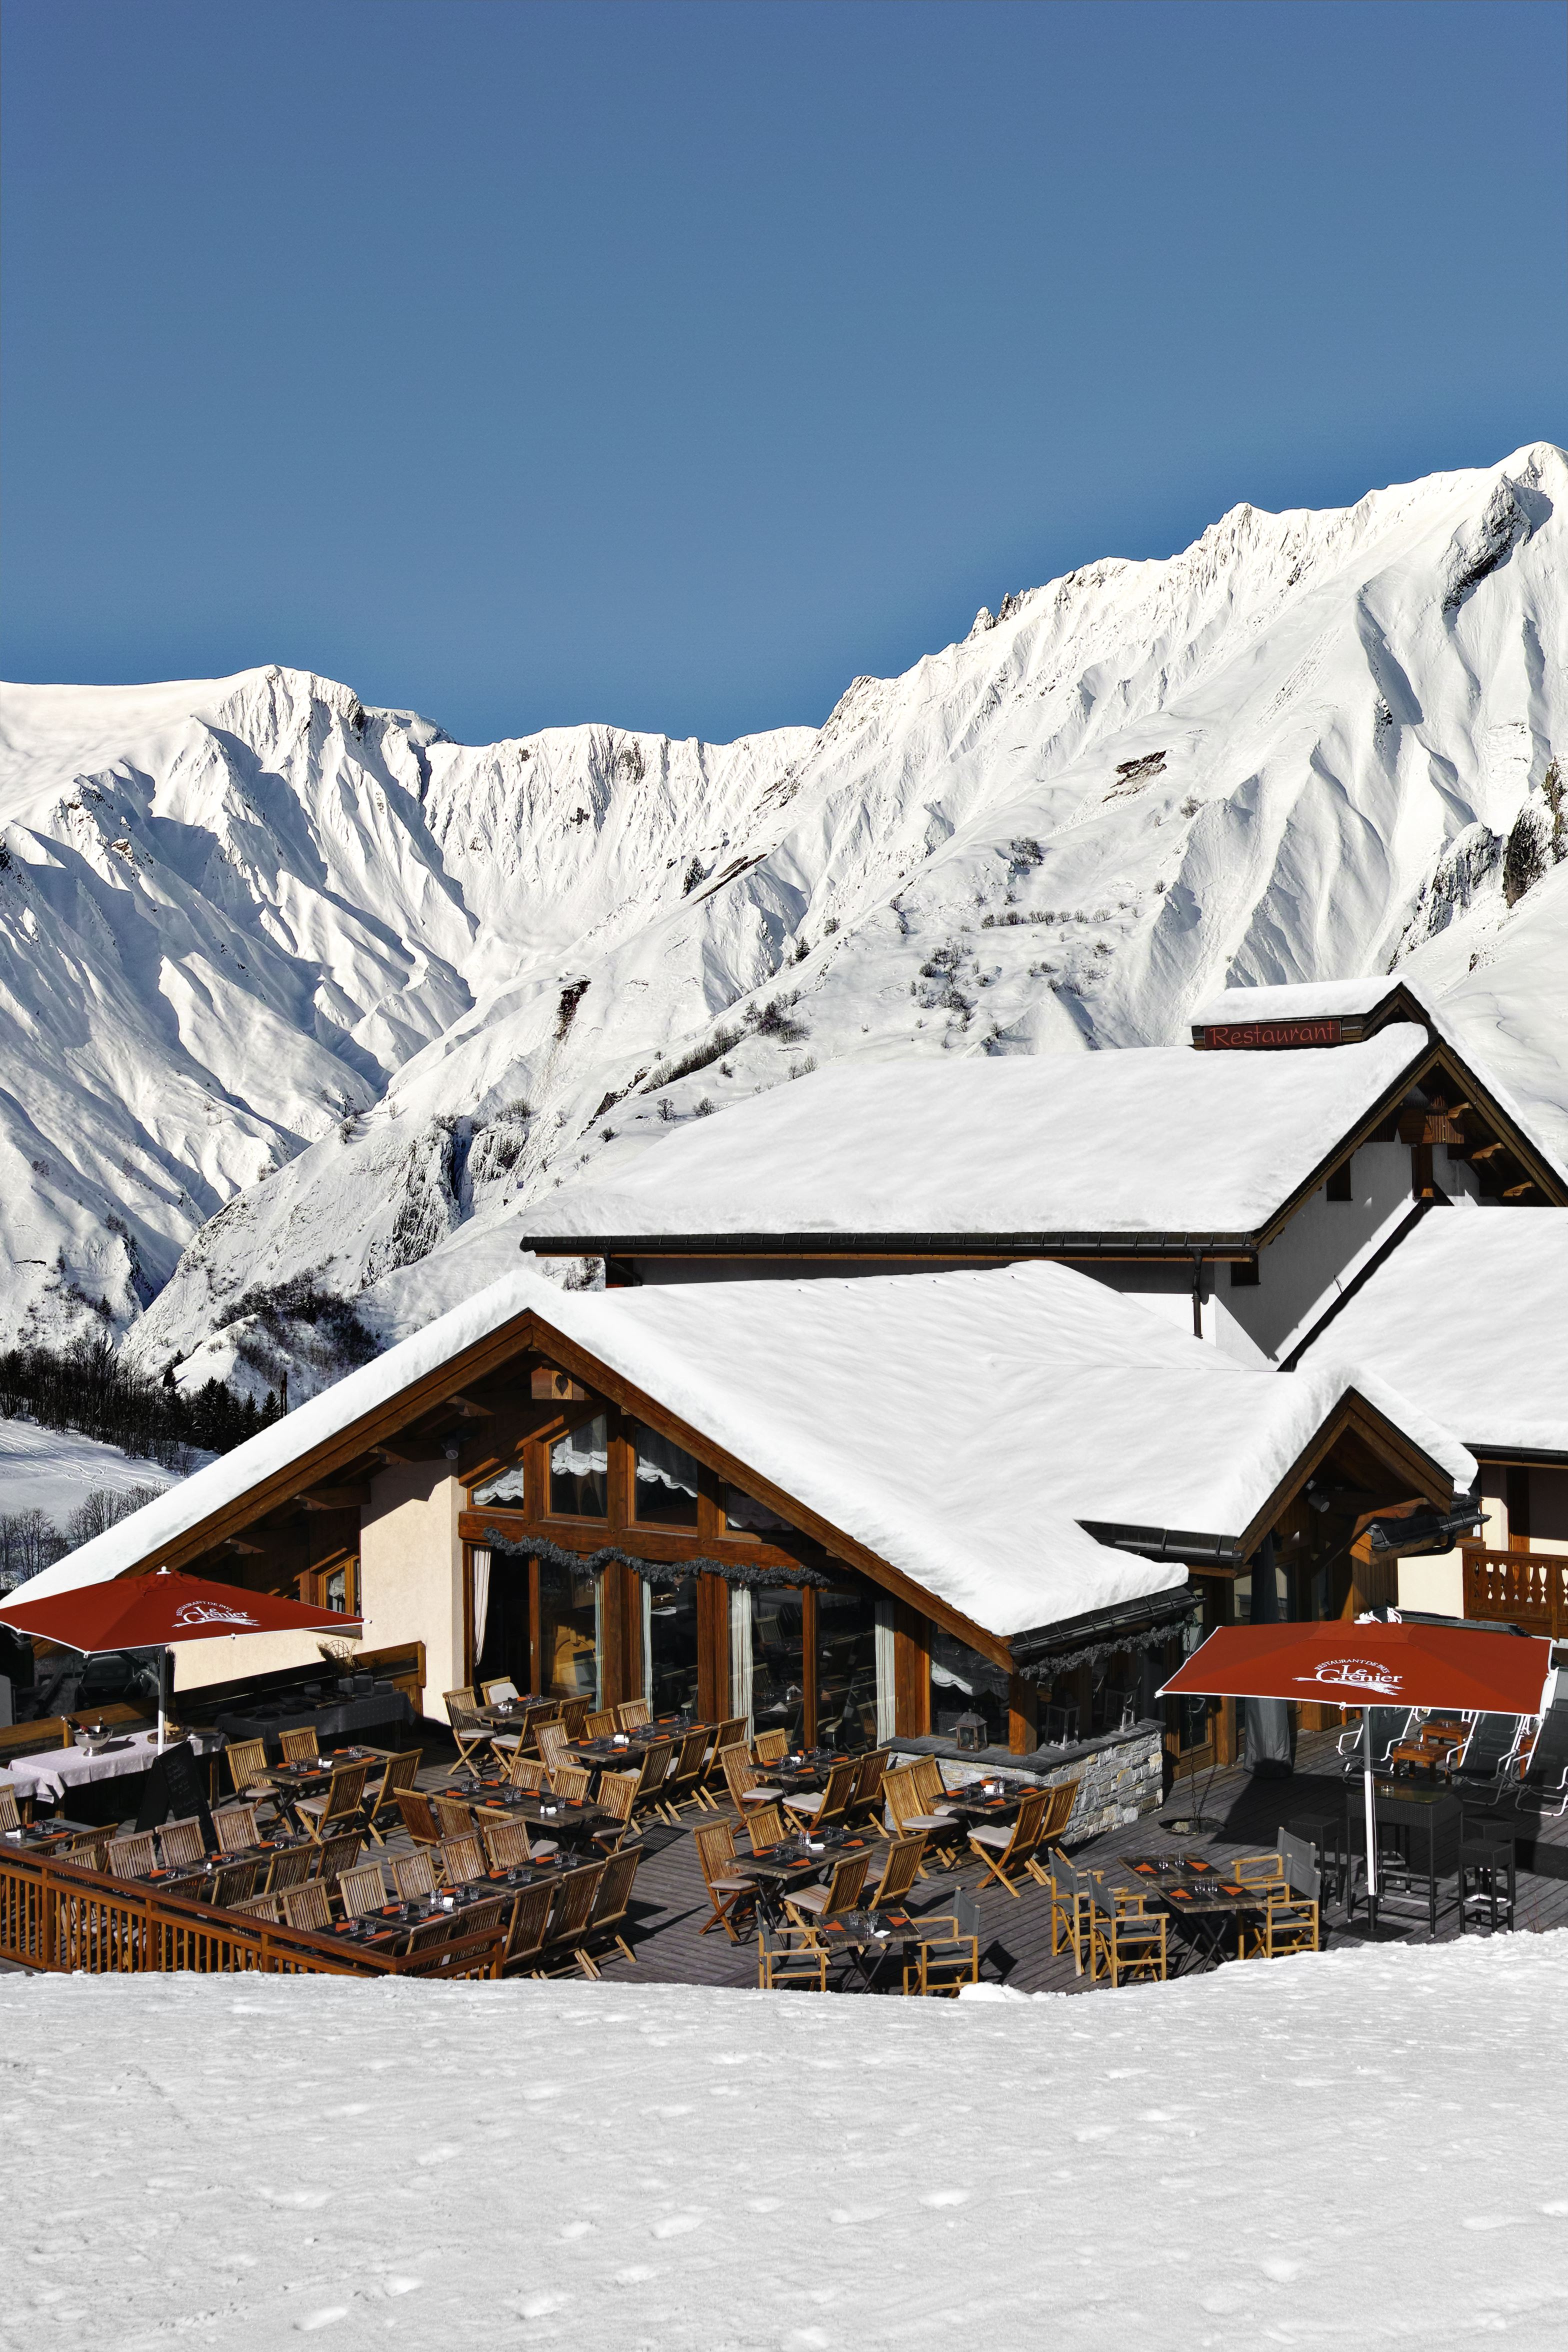 Hotel ski-in ski-out / HOTEL SAINT MARTIN (4,5 Snowflakes